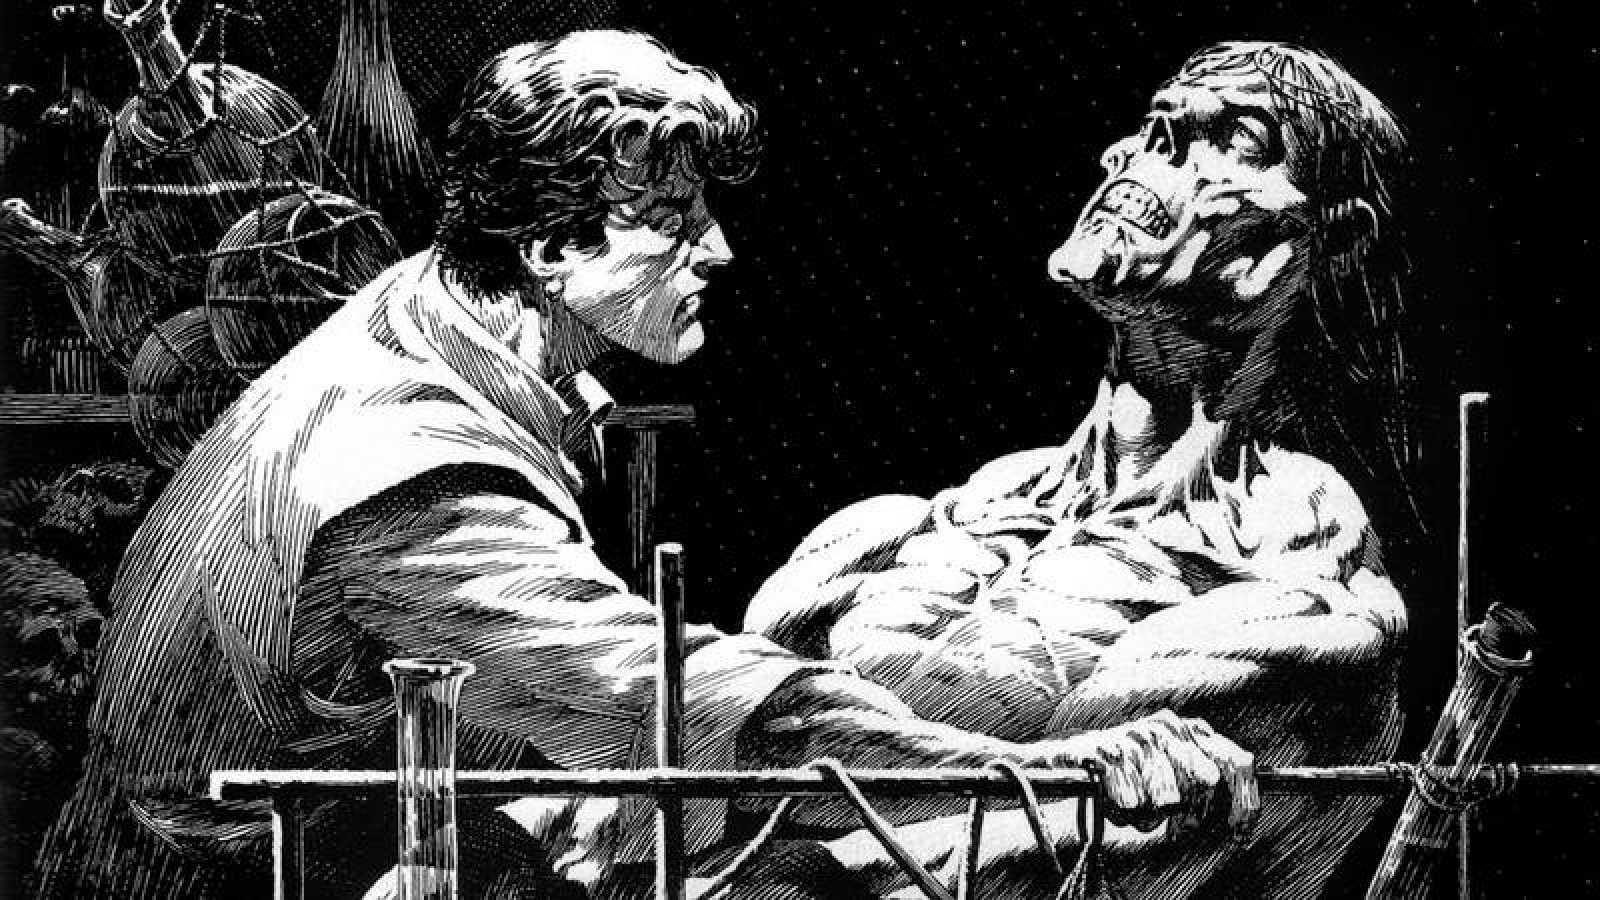 Fragmento de una ilustración de Wrightson par 'Frankenstein'